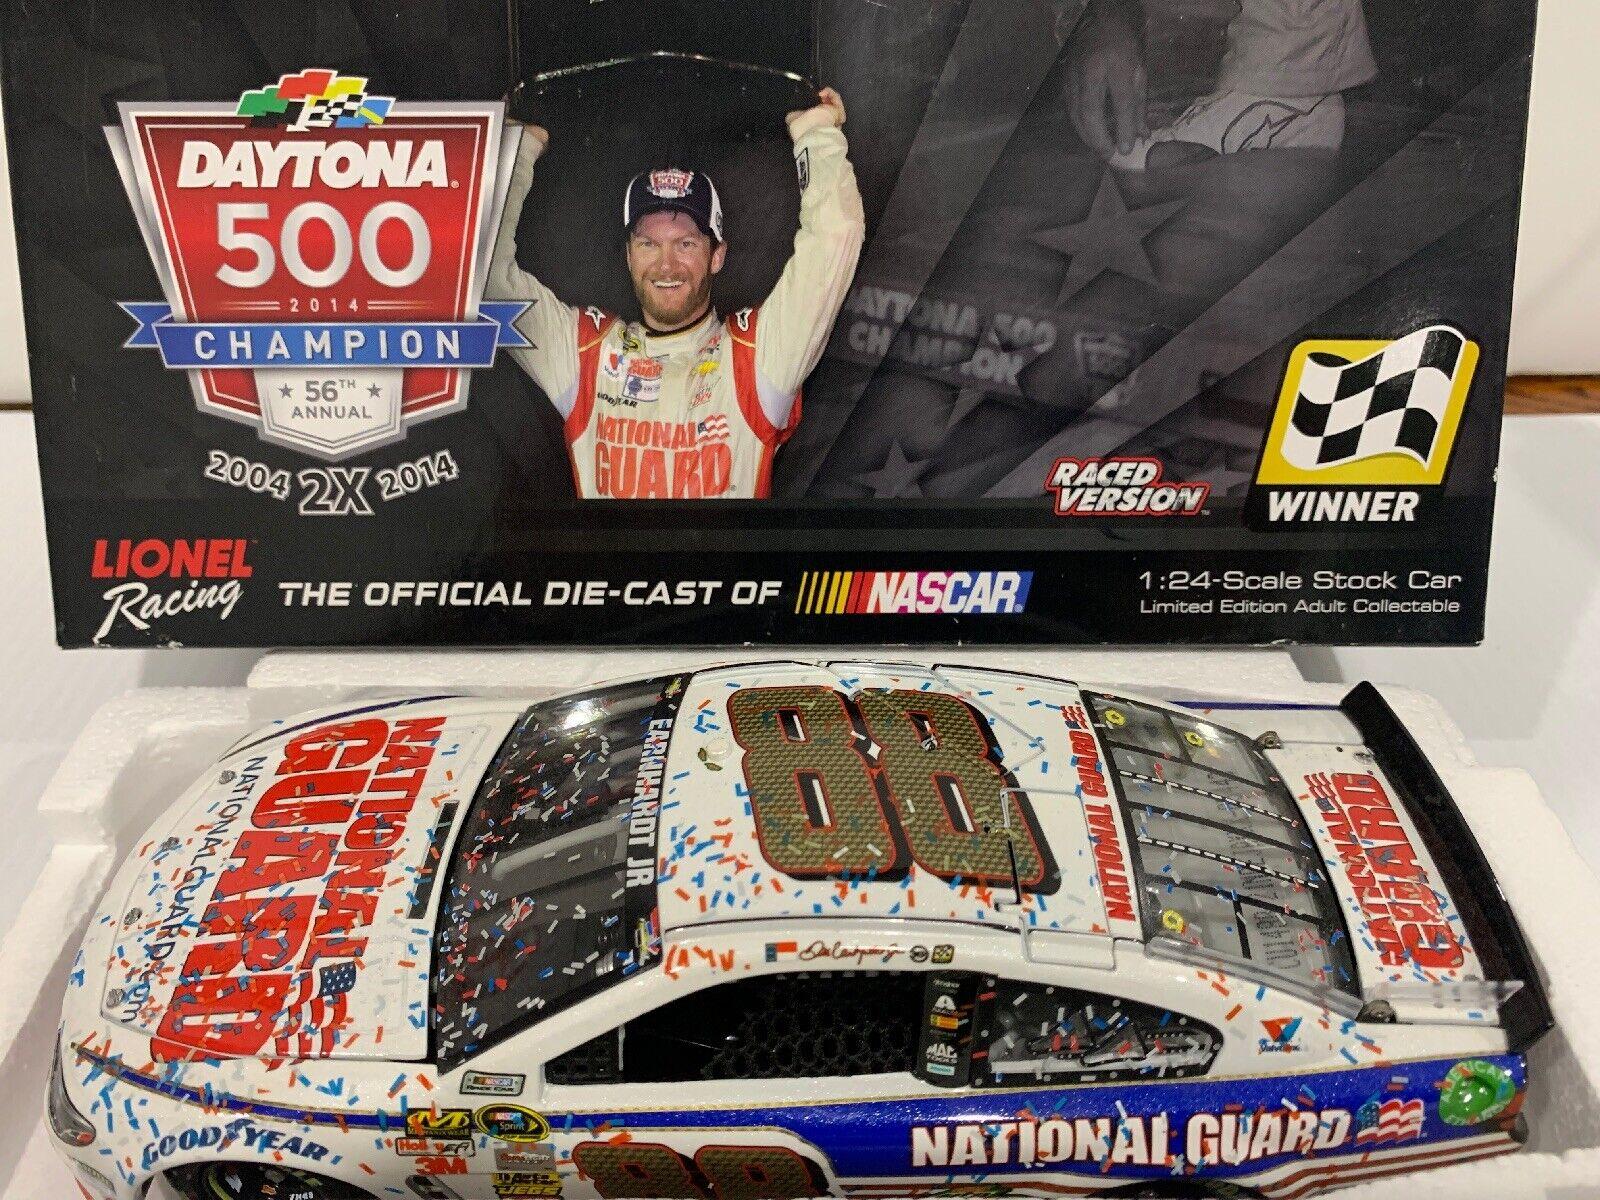 gran descuento 2014 Dale Earnhardt National Guard Guard Guard Daytona 500 corrió ganar  orden ahora disfrutar de gran descuento